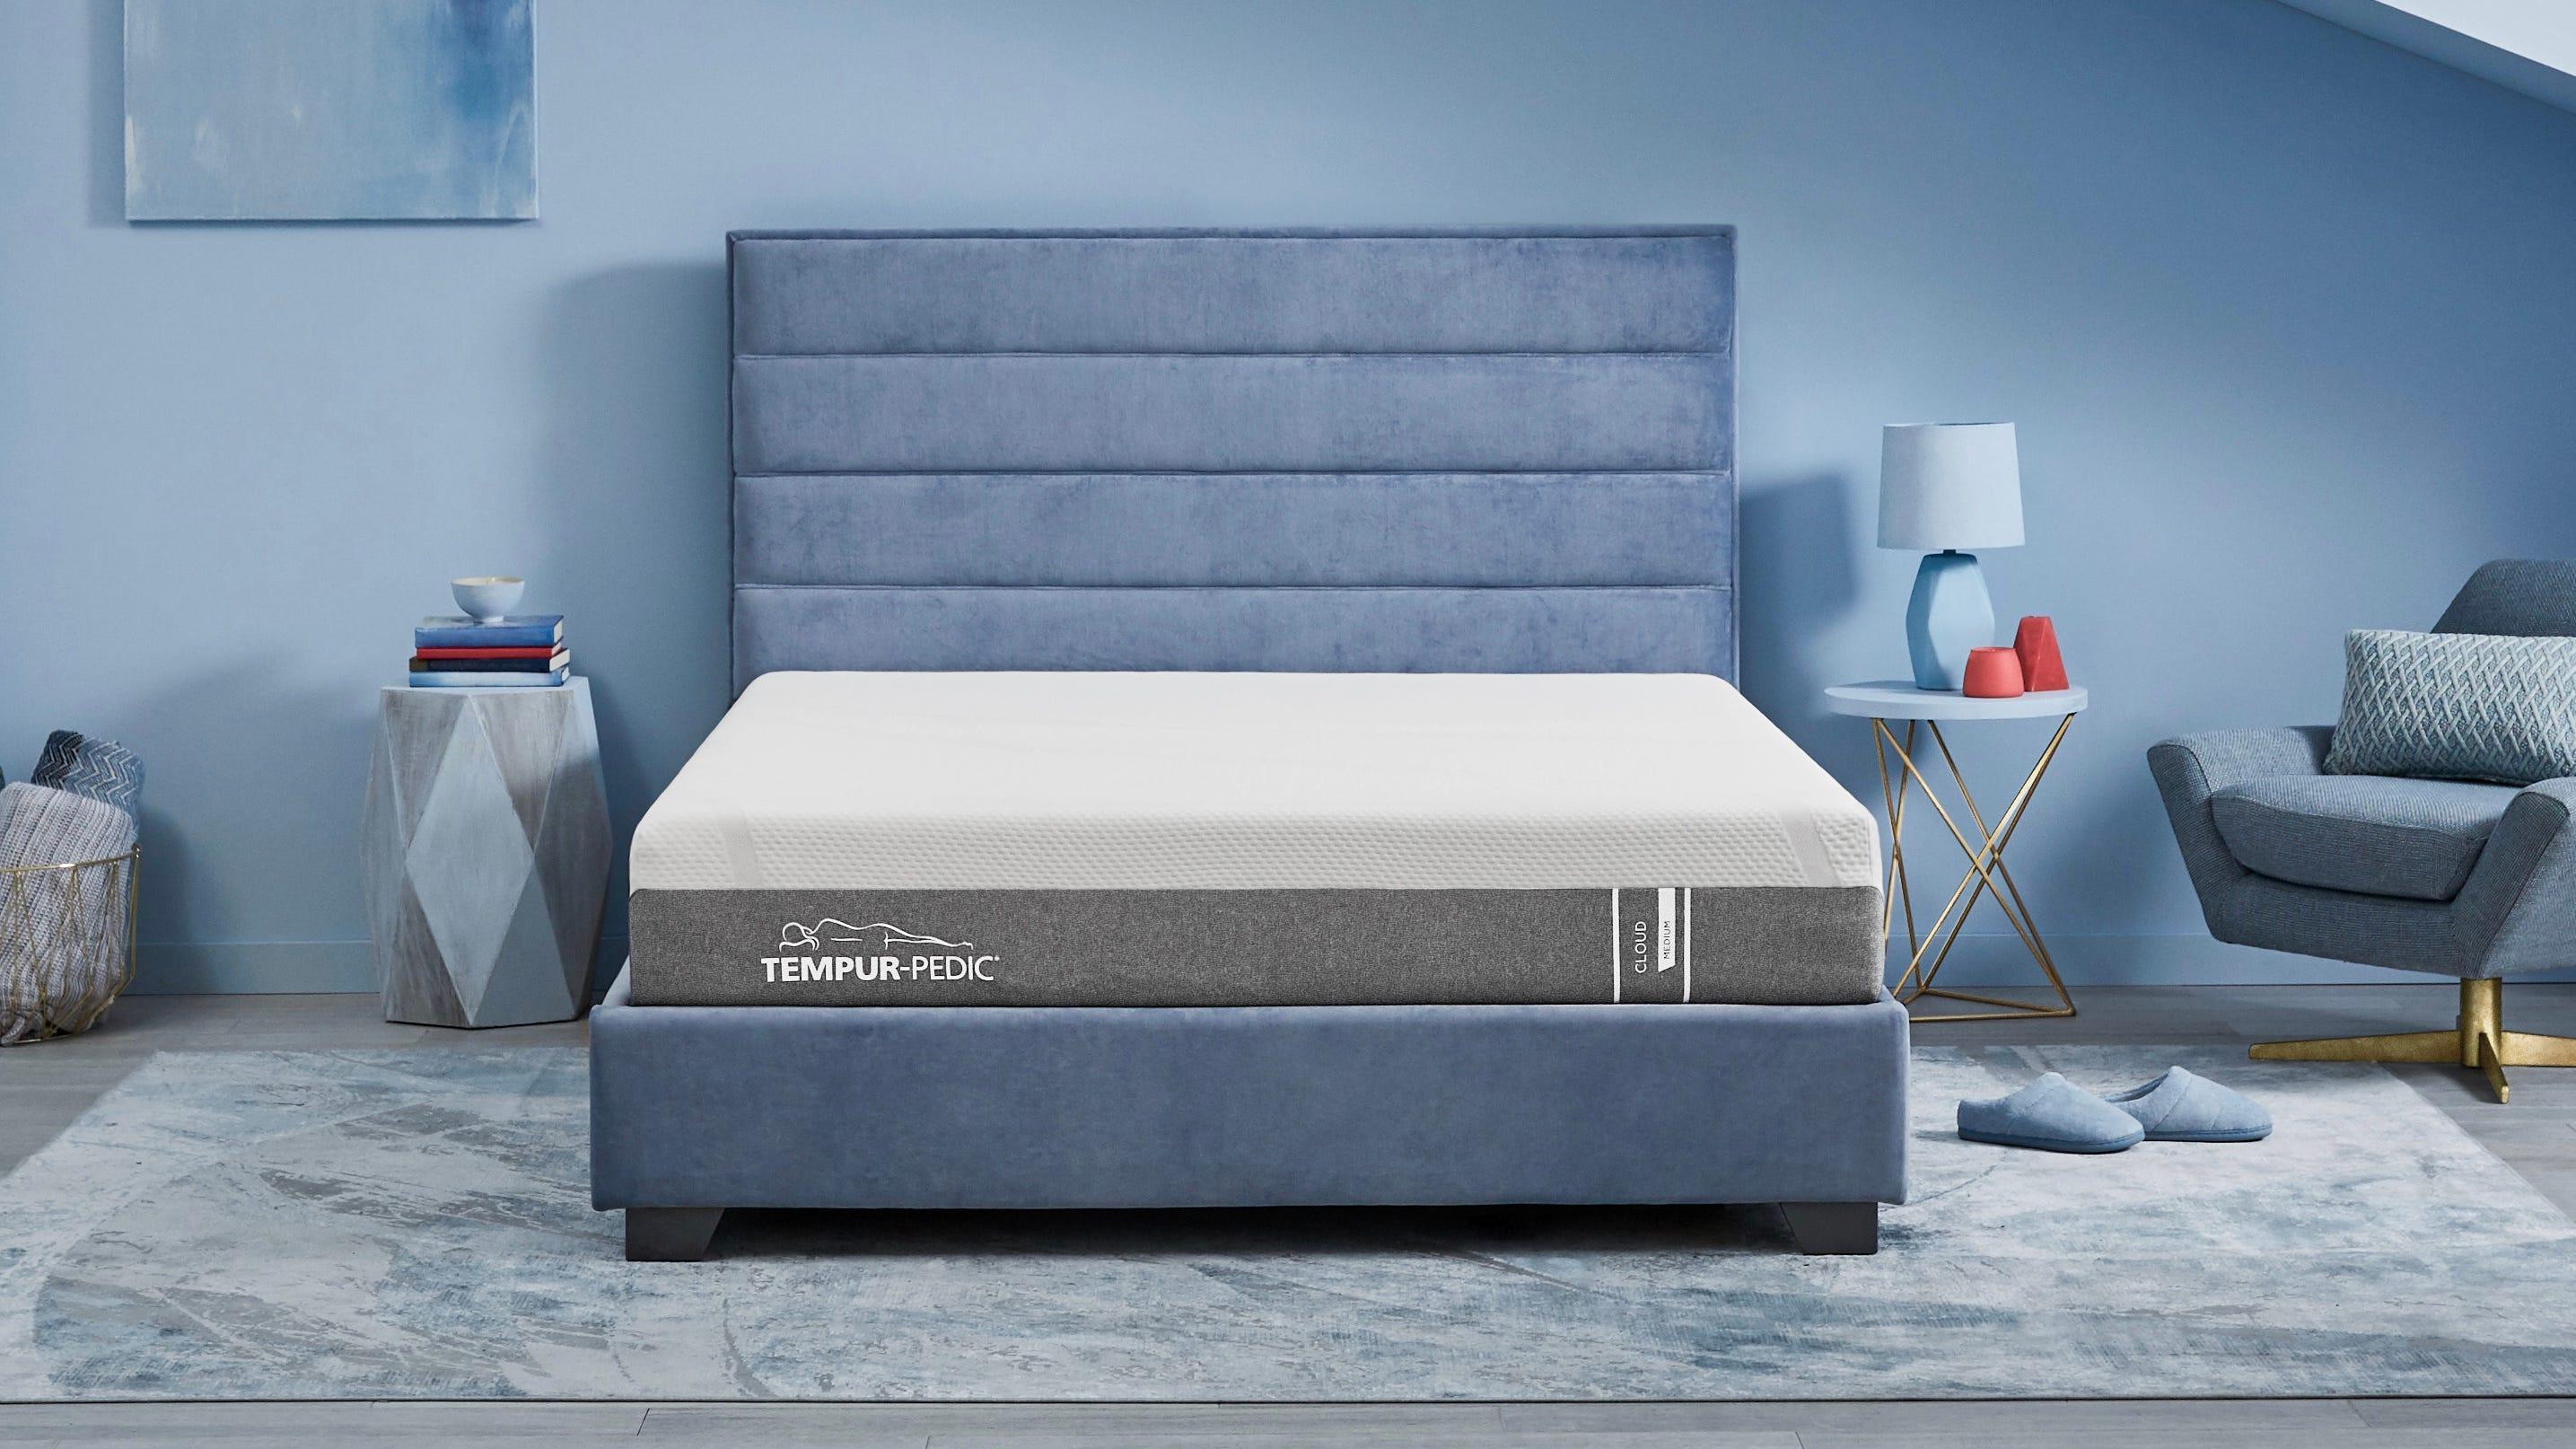 Tempur Pedic mattress: Tempur Cloud bed in a box is revealed